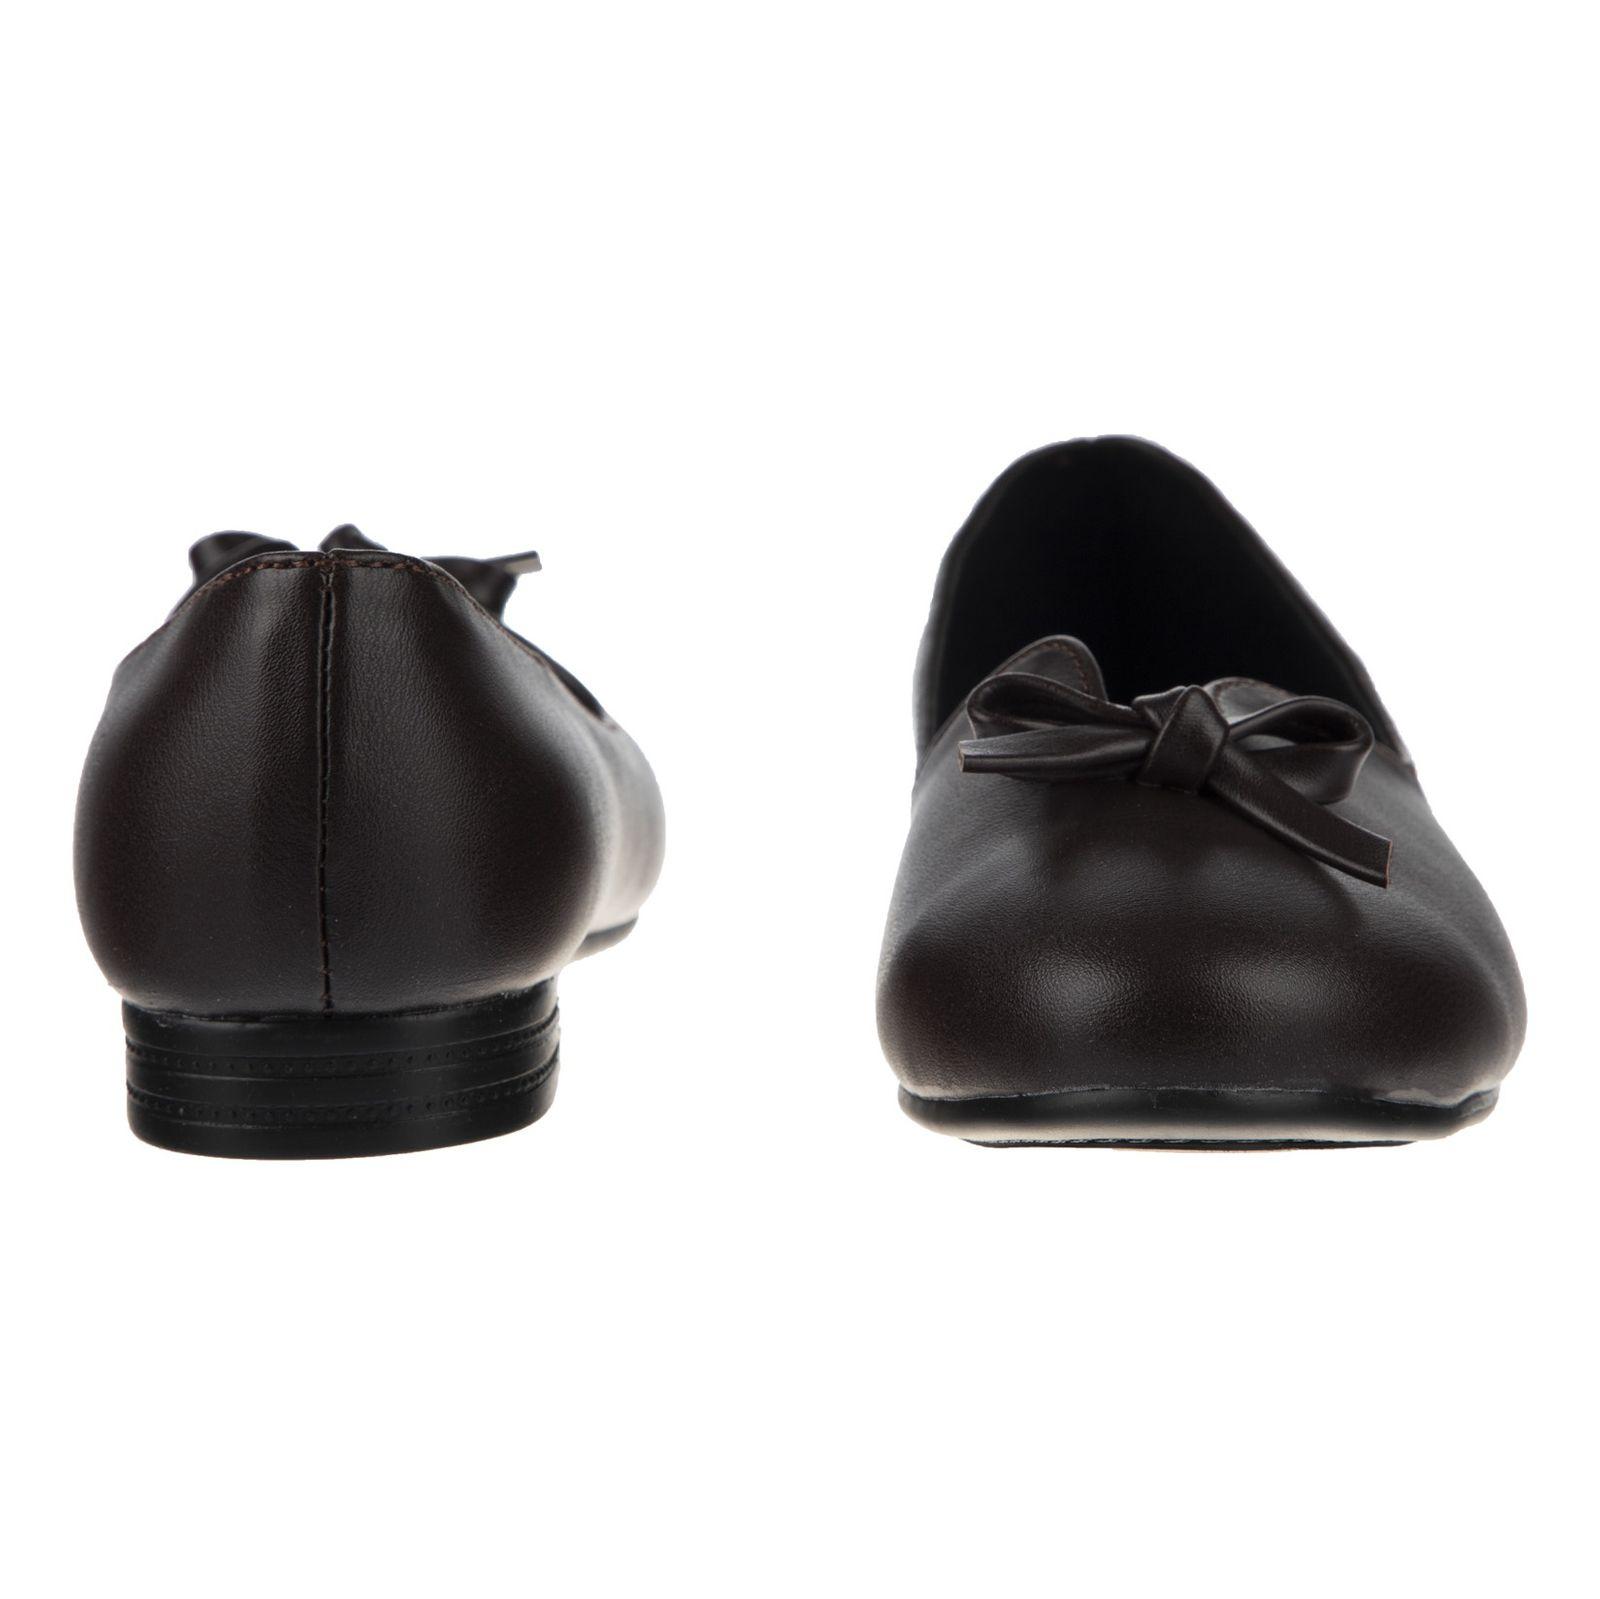 کفش تخت زنانه ام تو مدل 324-0006 -  - 3